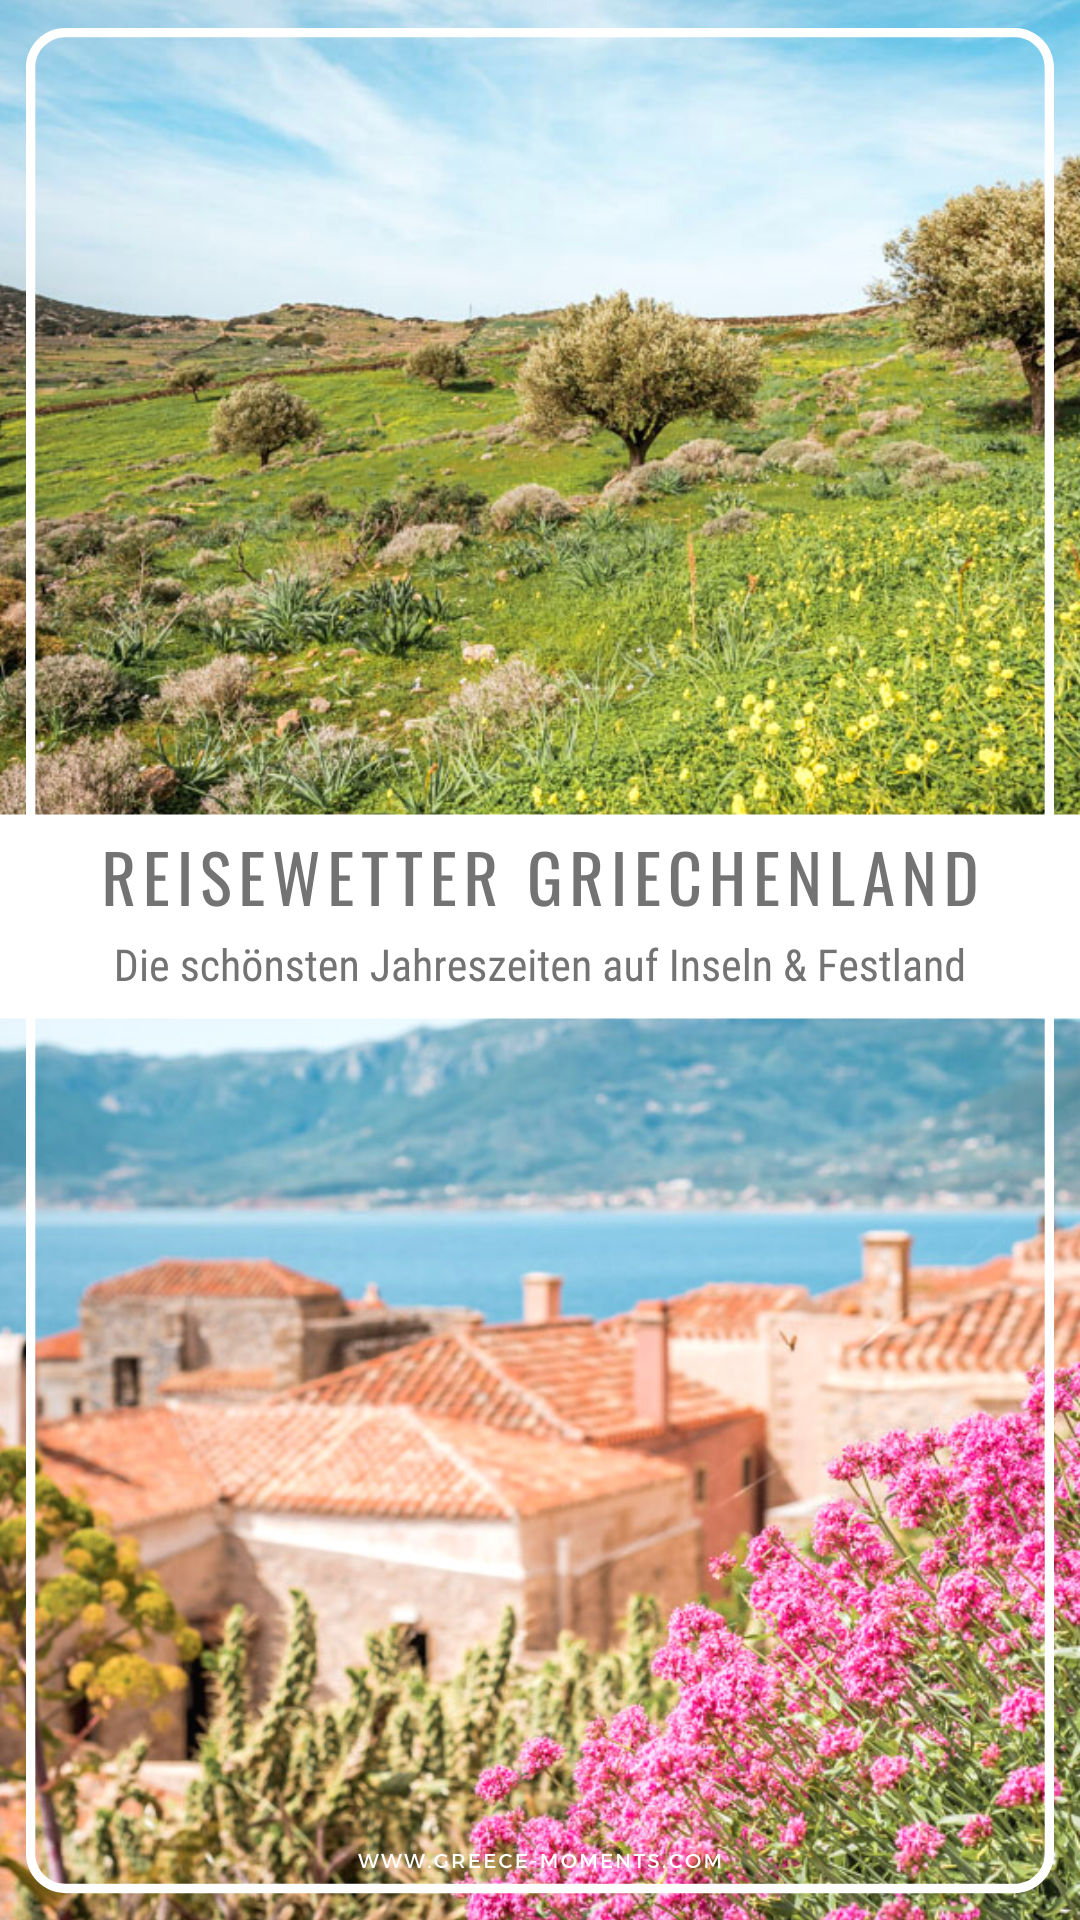 Beste Reisezeit Griechenland Das Wetter Auf Inseln Festland Beste Reisezeit Griechenland Reisen